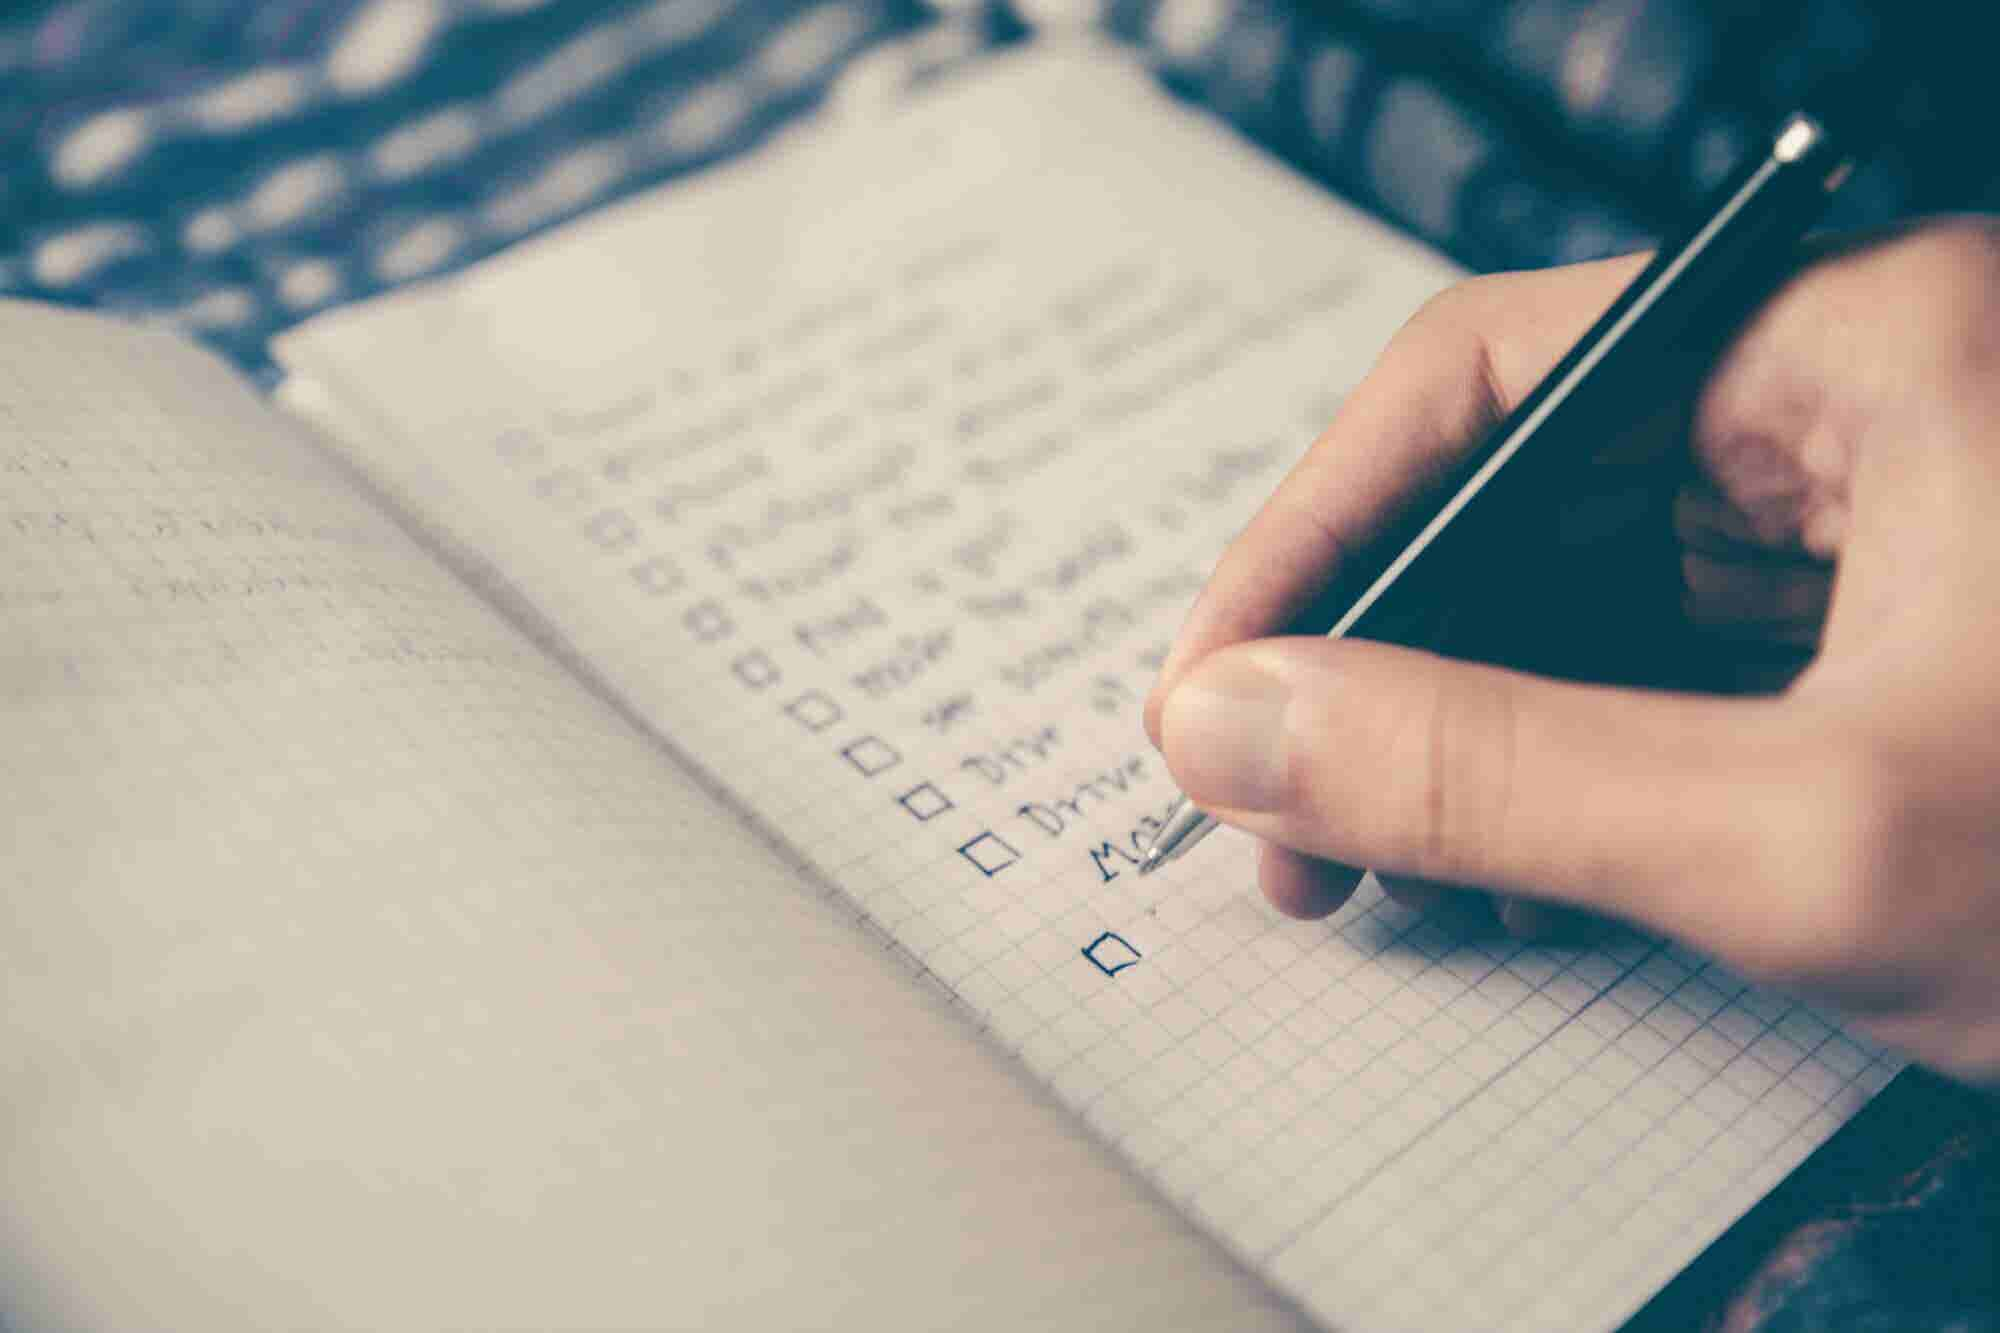 ¿Quieres ser triunfador? Estas son las 3 listas que tienes que hacer para lograrlo